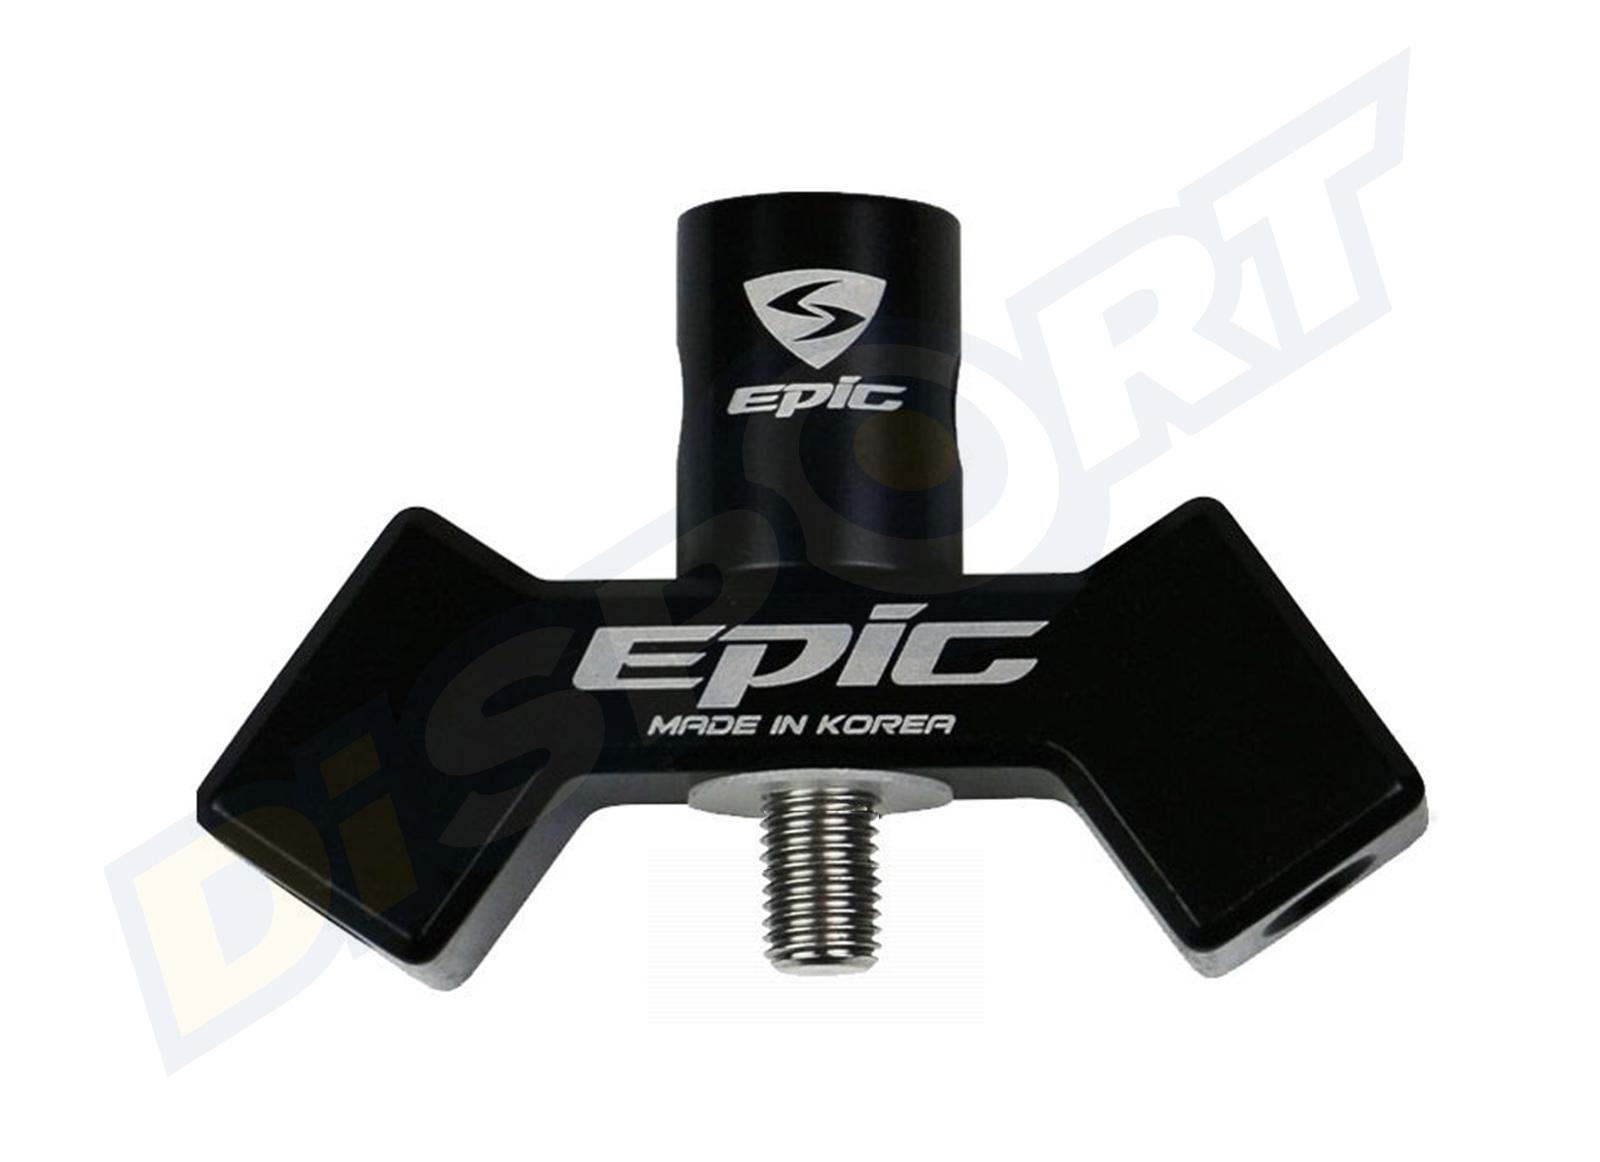 EPIC V-BAR